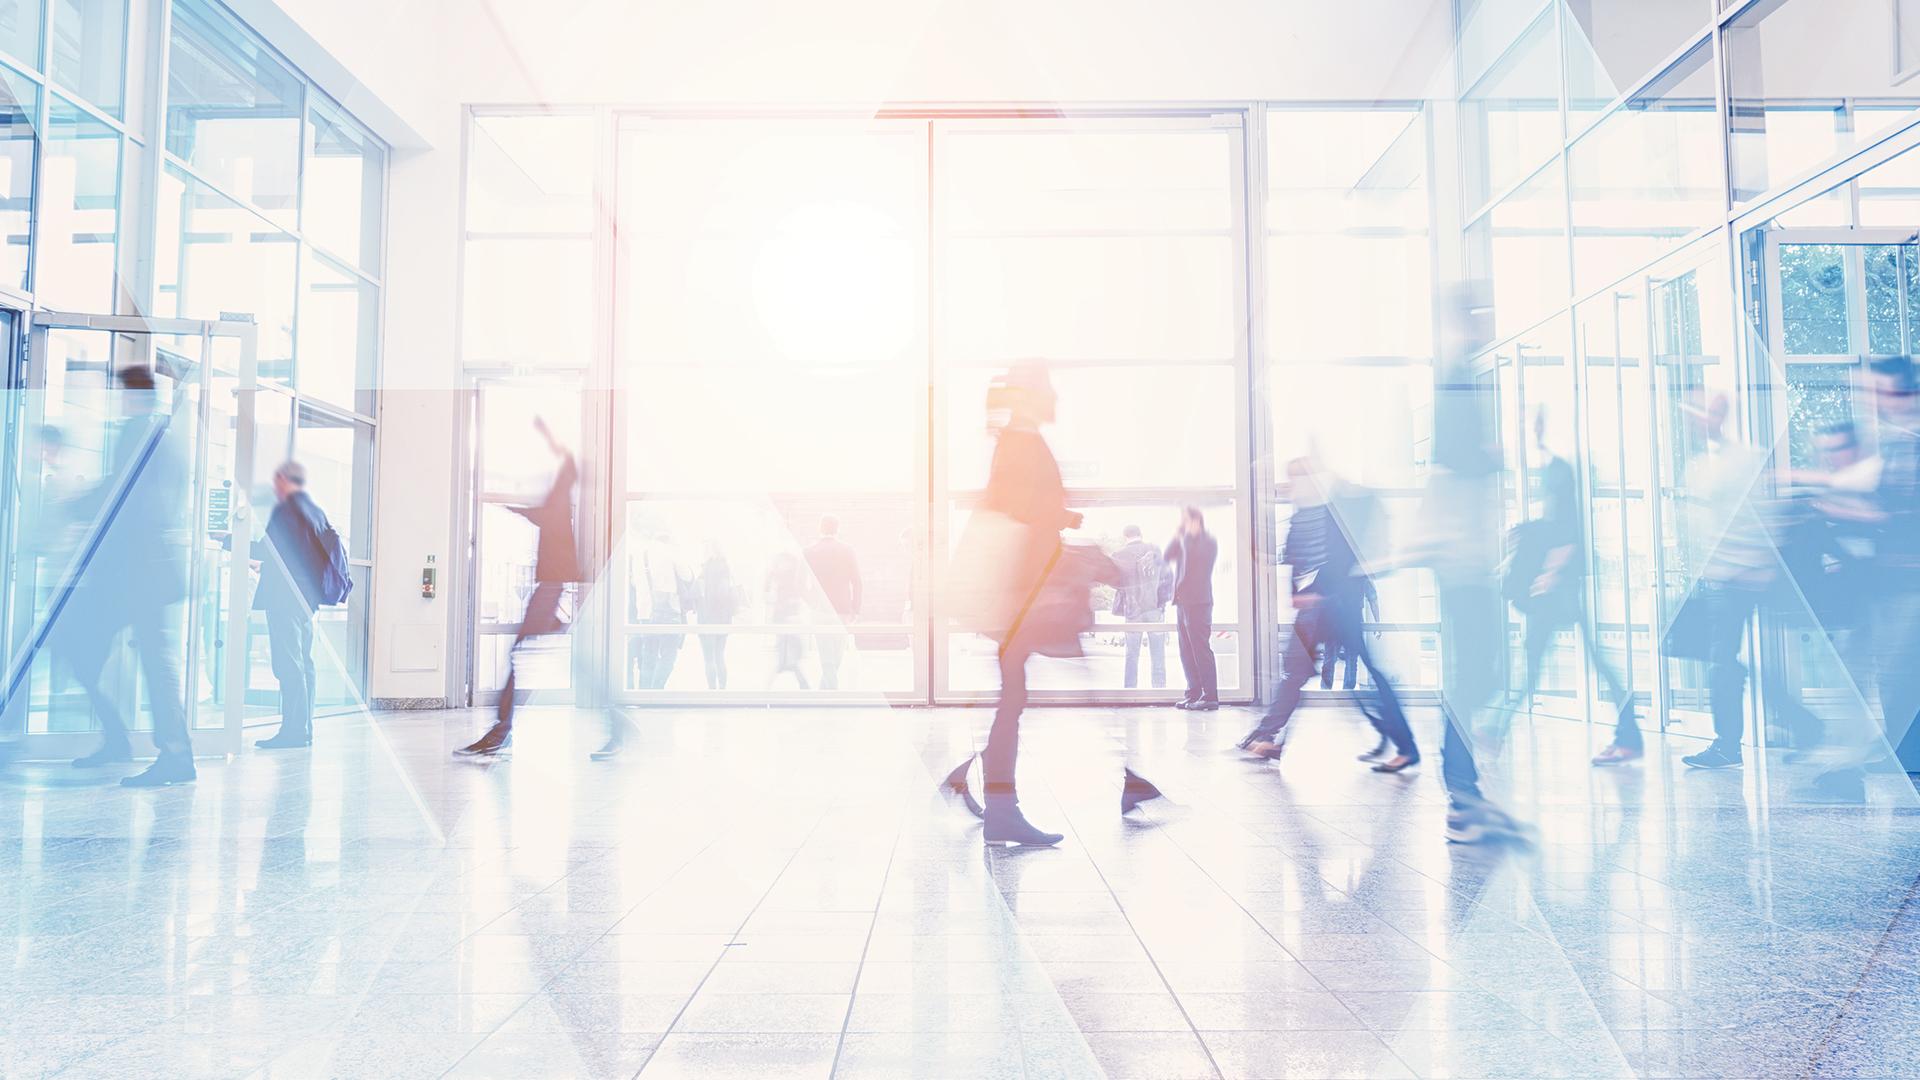 Corporate-people-crowd-walk-walker-office-business-center